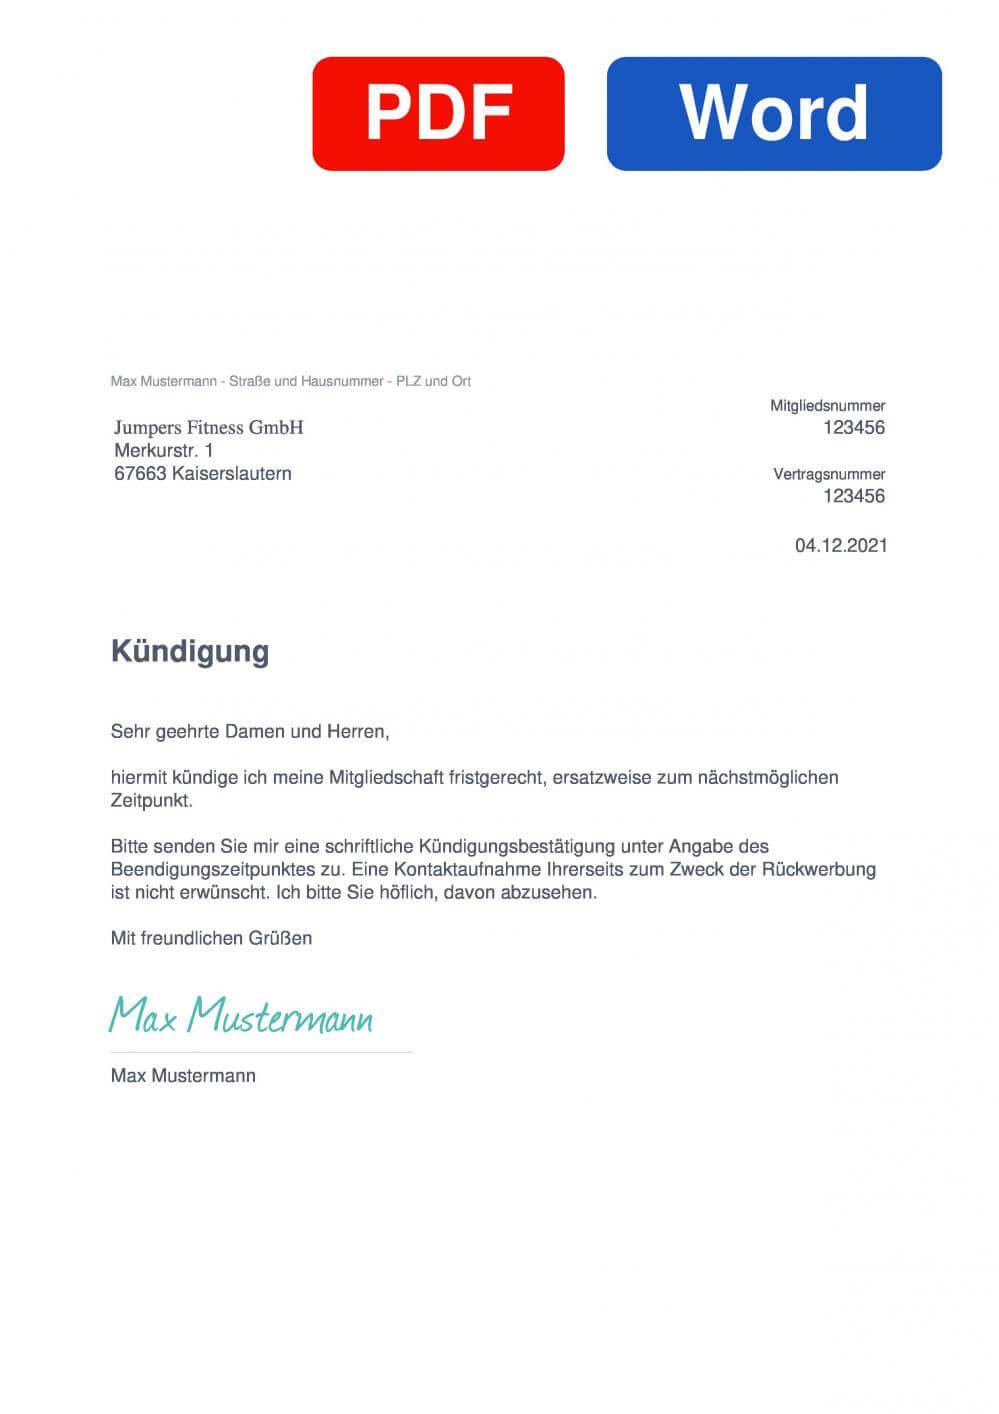 jumpers Kaiserslautern Muster Vorlage für Kündigungsschreiben